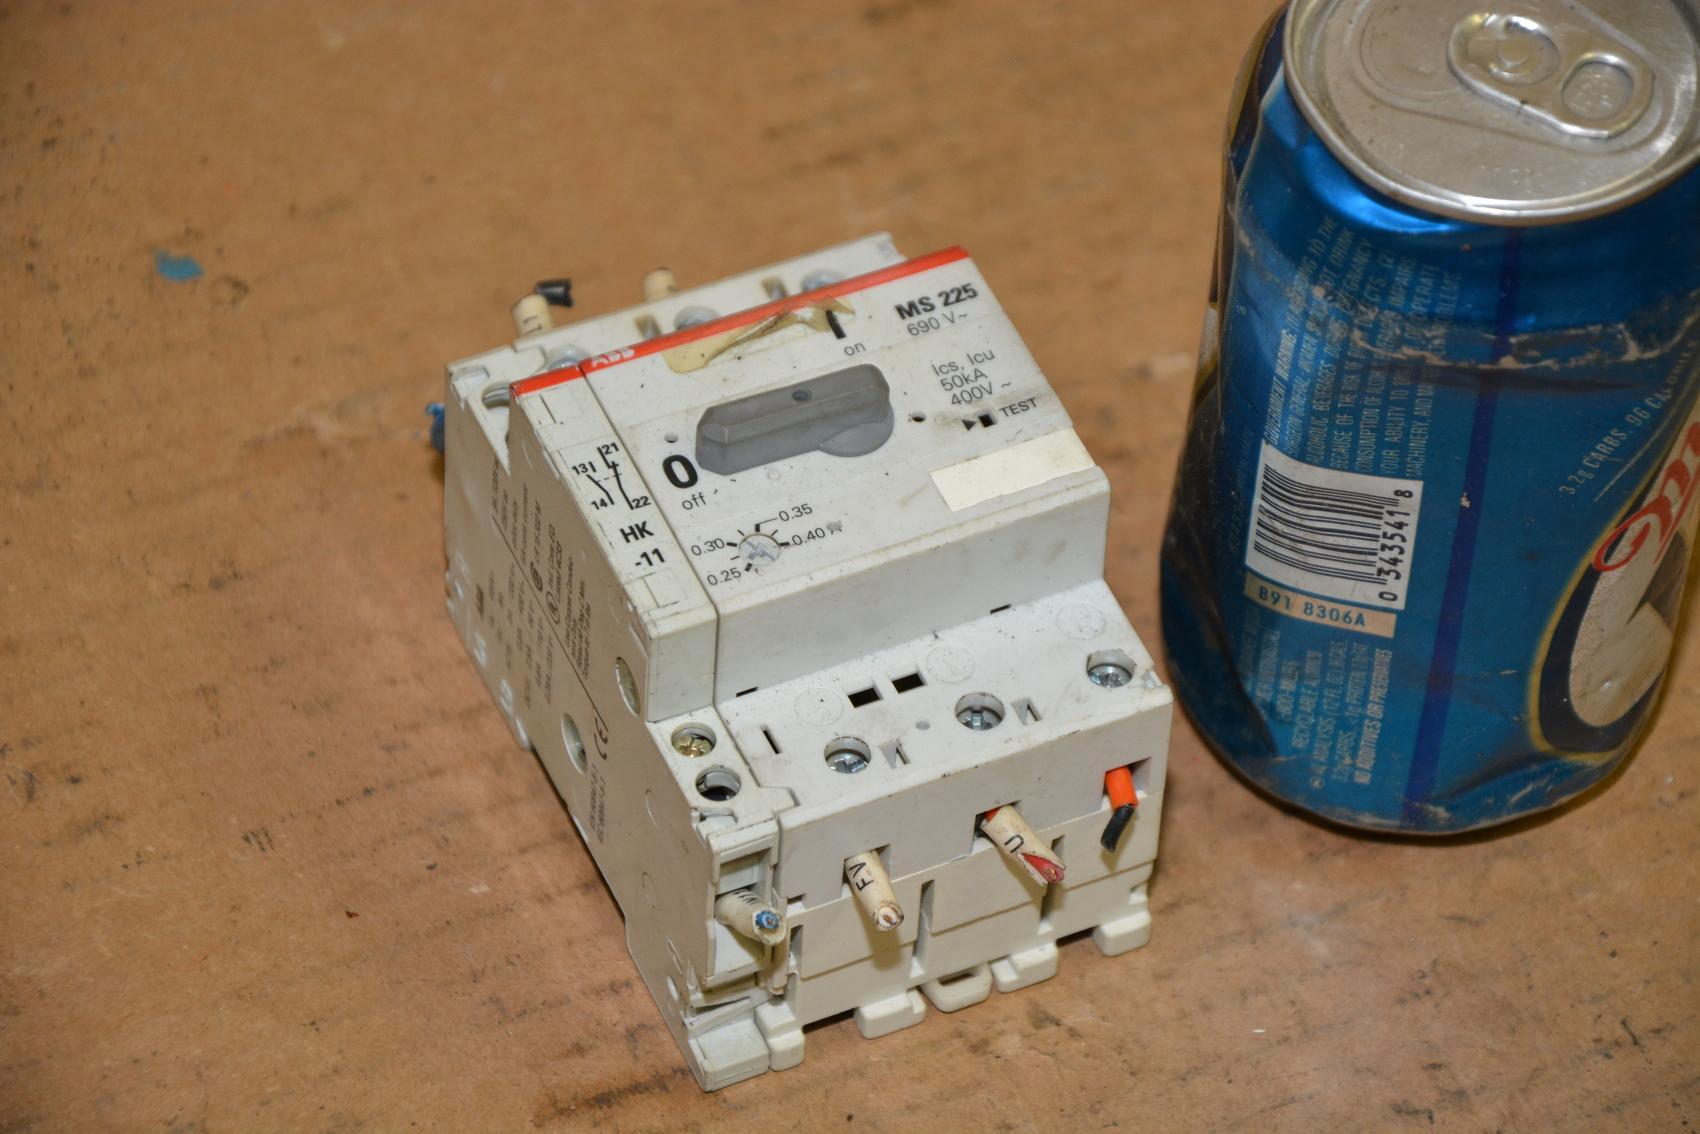 Abb ms225 manual motor starter inv 16923 ebay for Abb manual motor starter